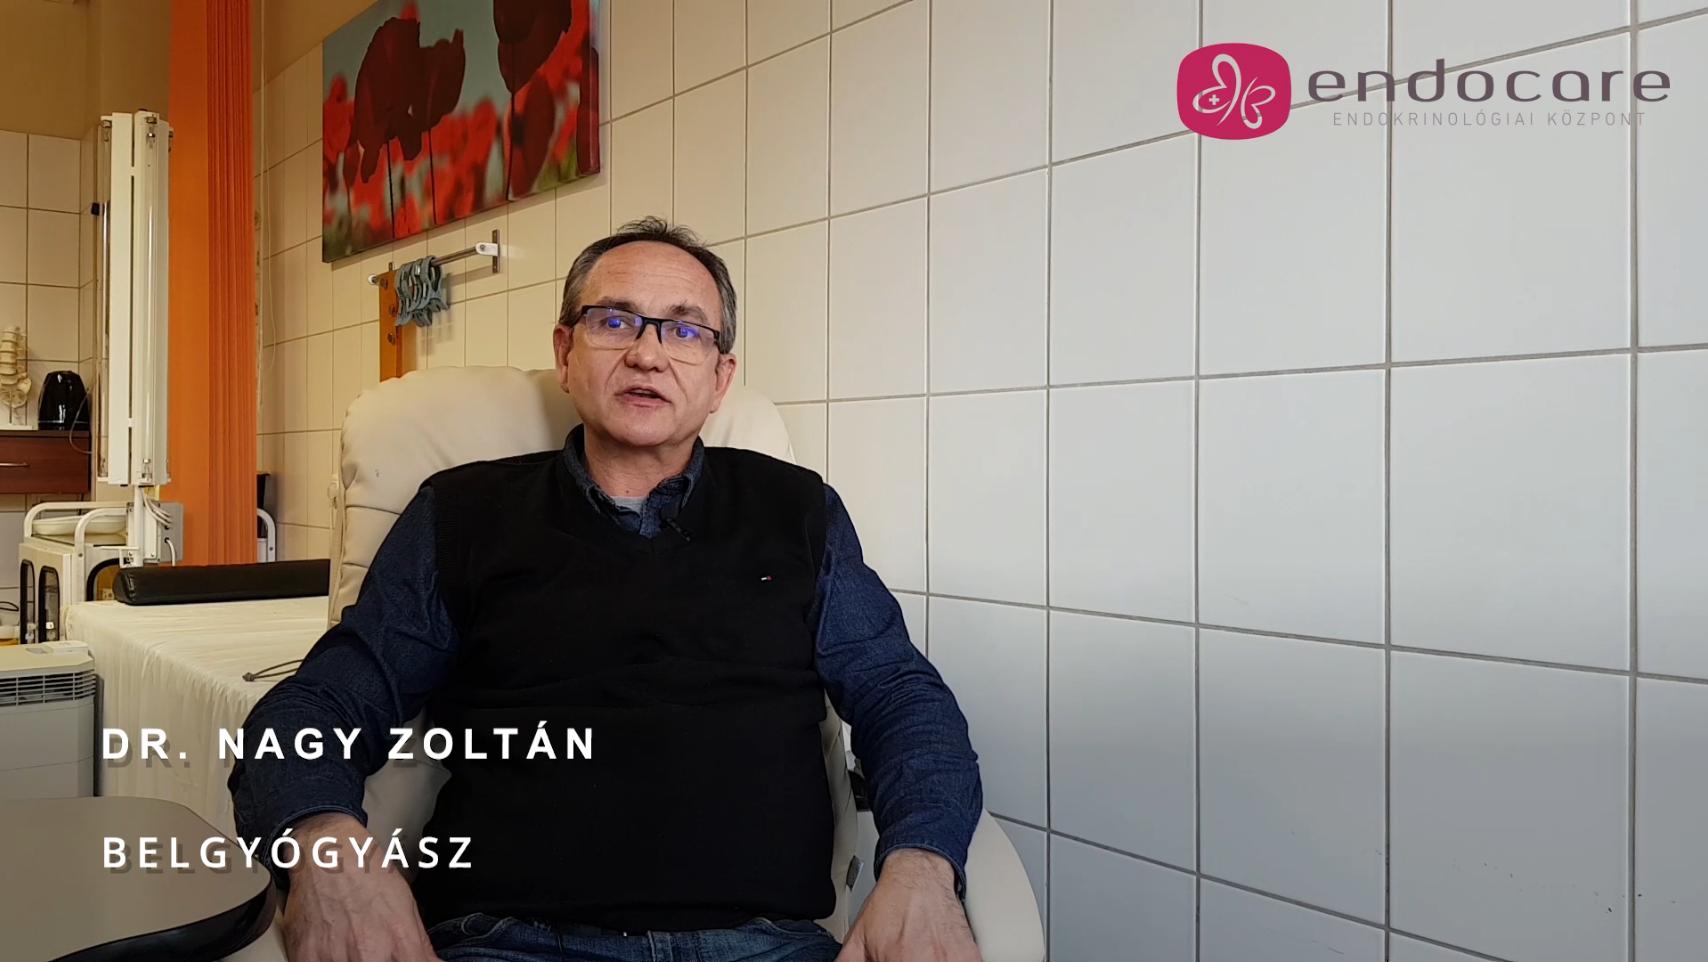 Dr. Nagy Zoltán covid oltás koronavírus oltás vakcina vélemény endocare intézet